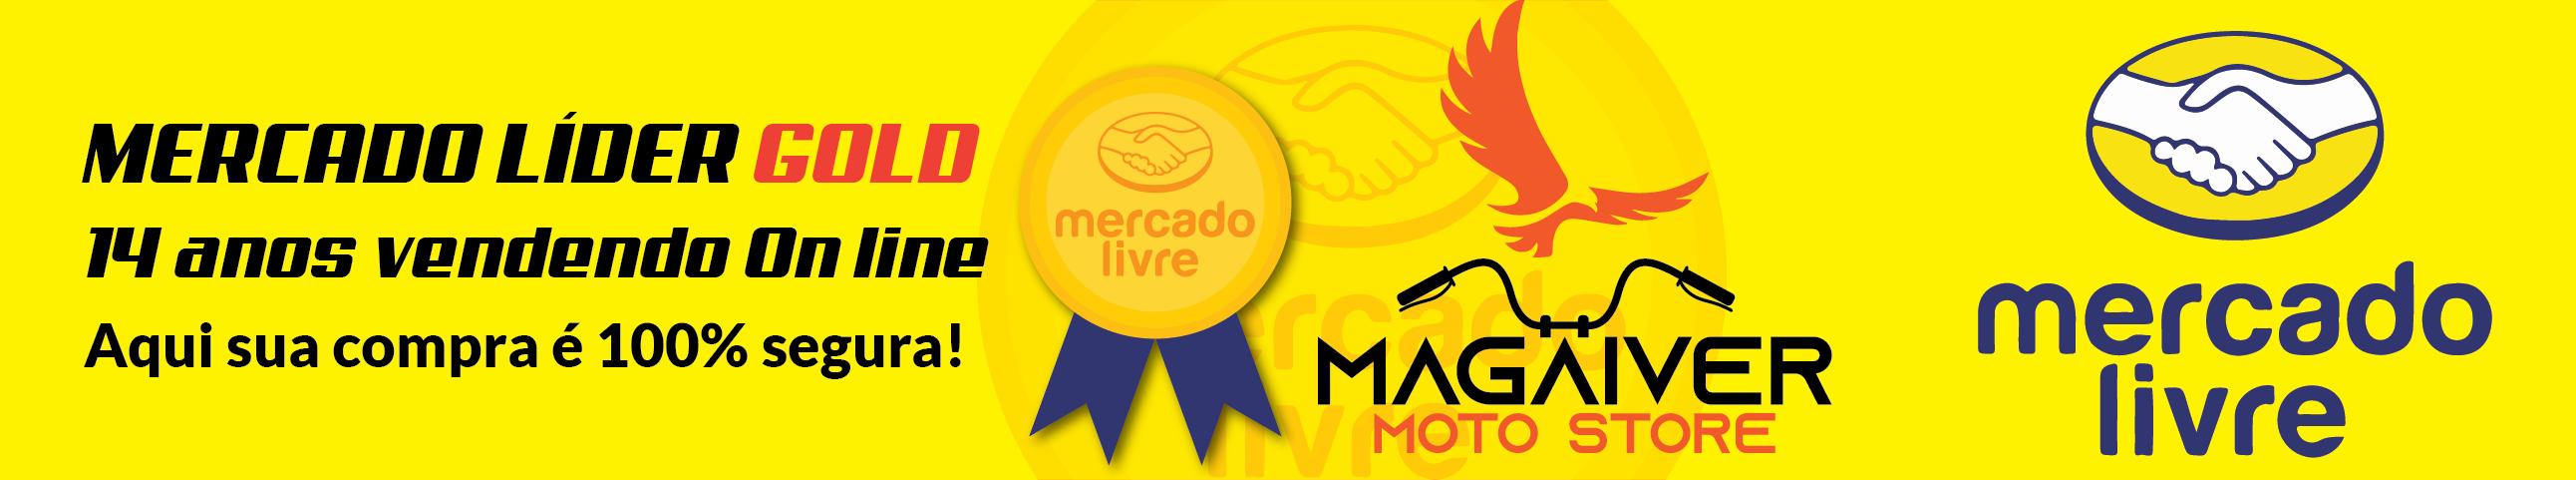 Somos Mercado Líder Gold no Mercado livre, 14 anos vendendo online.